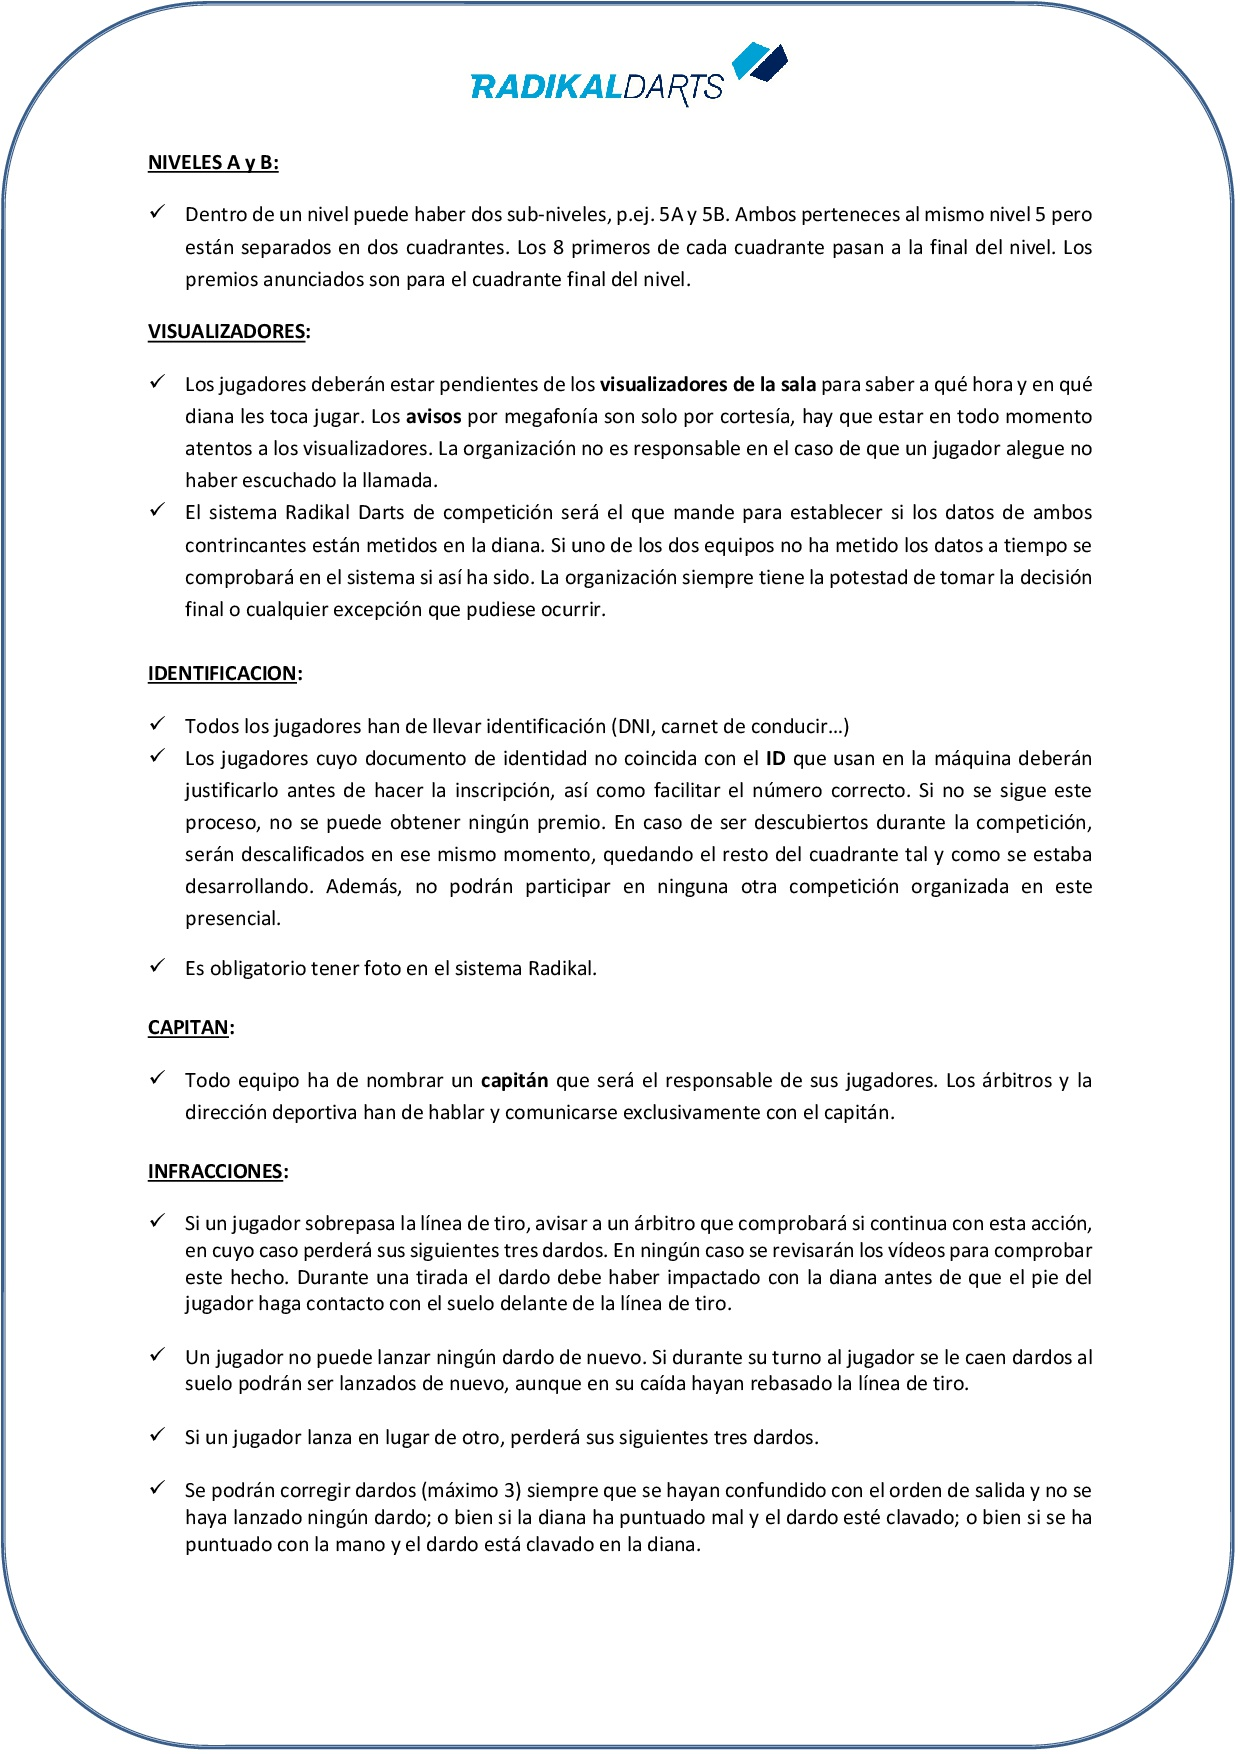 Normativa Internacional de dardos online de RadikalDarts 2019 en Lloret de Mar